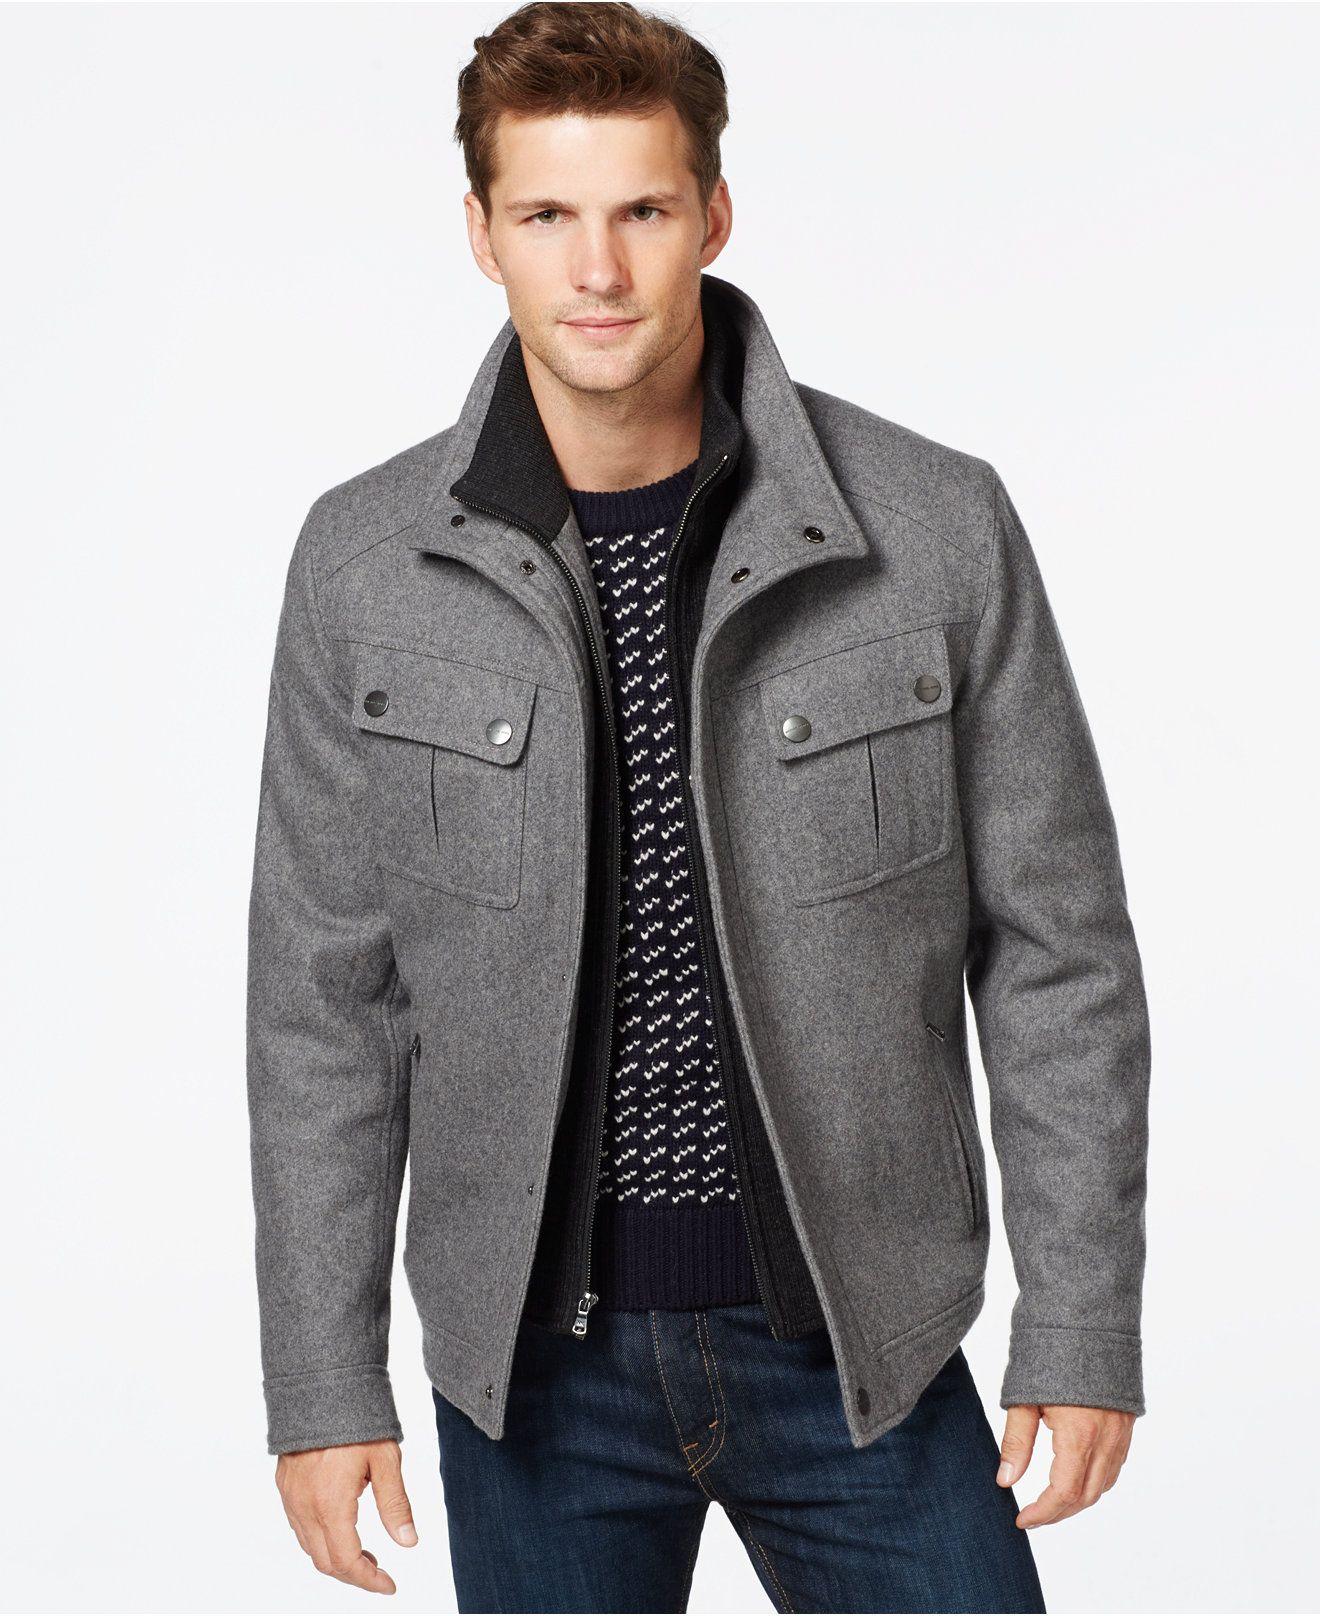 Michael Michael Kors Brockton Wool Blend Jacket Coats Jackets Men Macy S Stylish Jackets Wool Blend Jacket Twill Jacket [ 1616 x 1320 Pixel ]